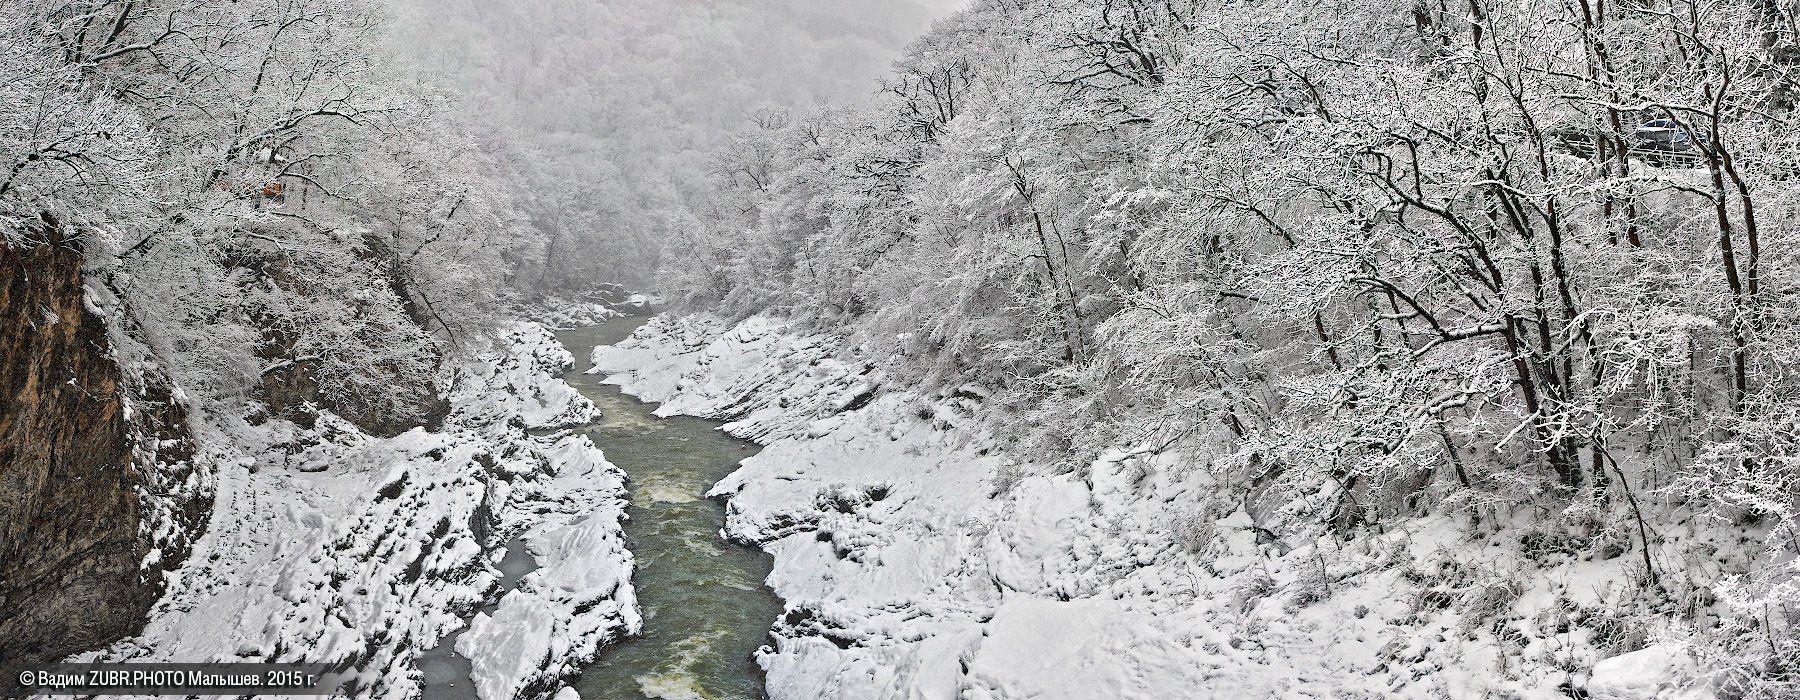 кавказ, адыгея, zubr-photo,зима, река, снег, лес, Вадим ZUBR Малышев